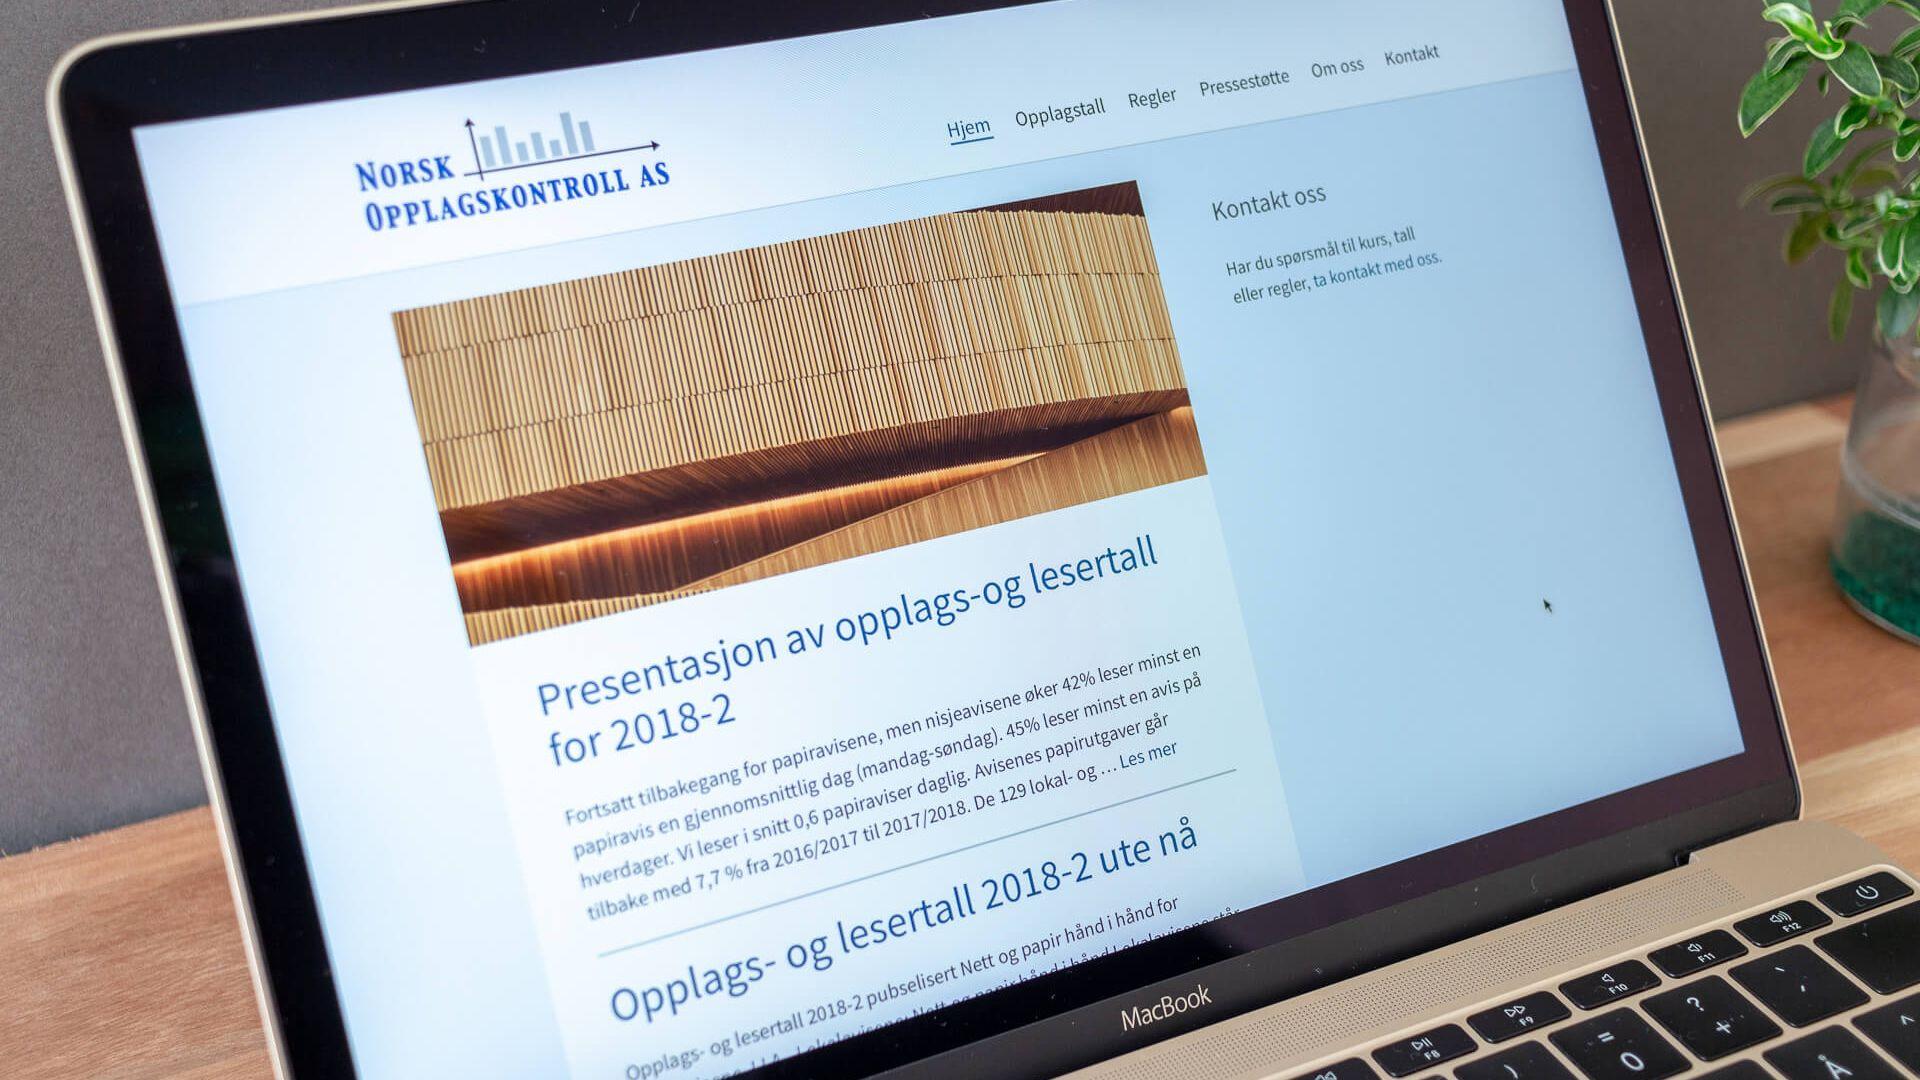 Imagem da página inicial do website